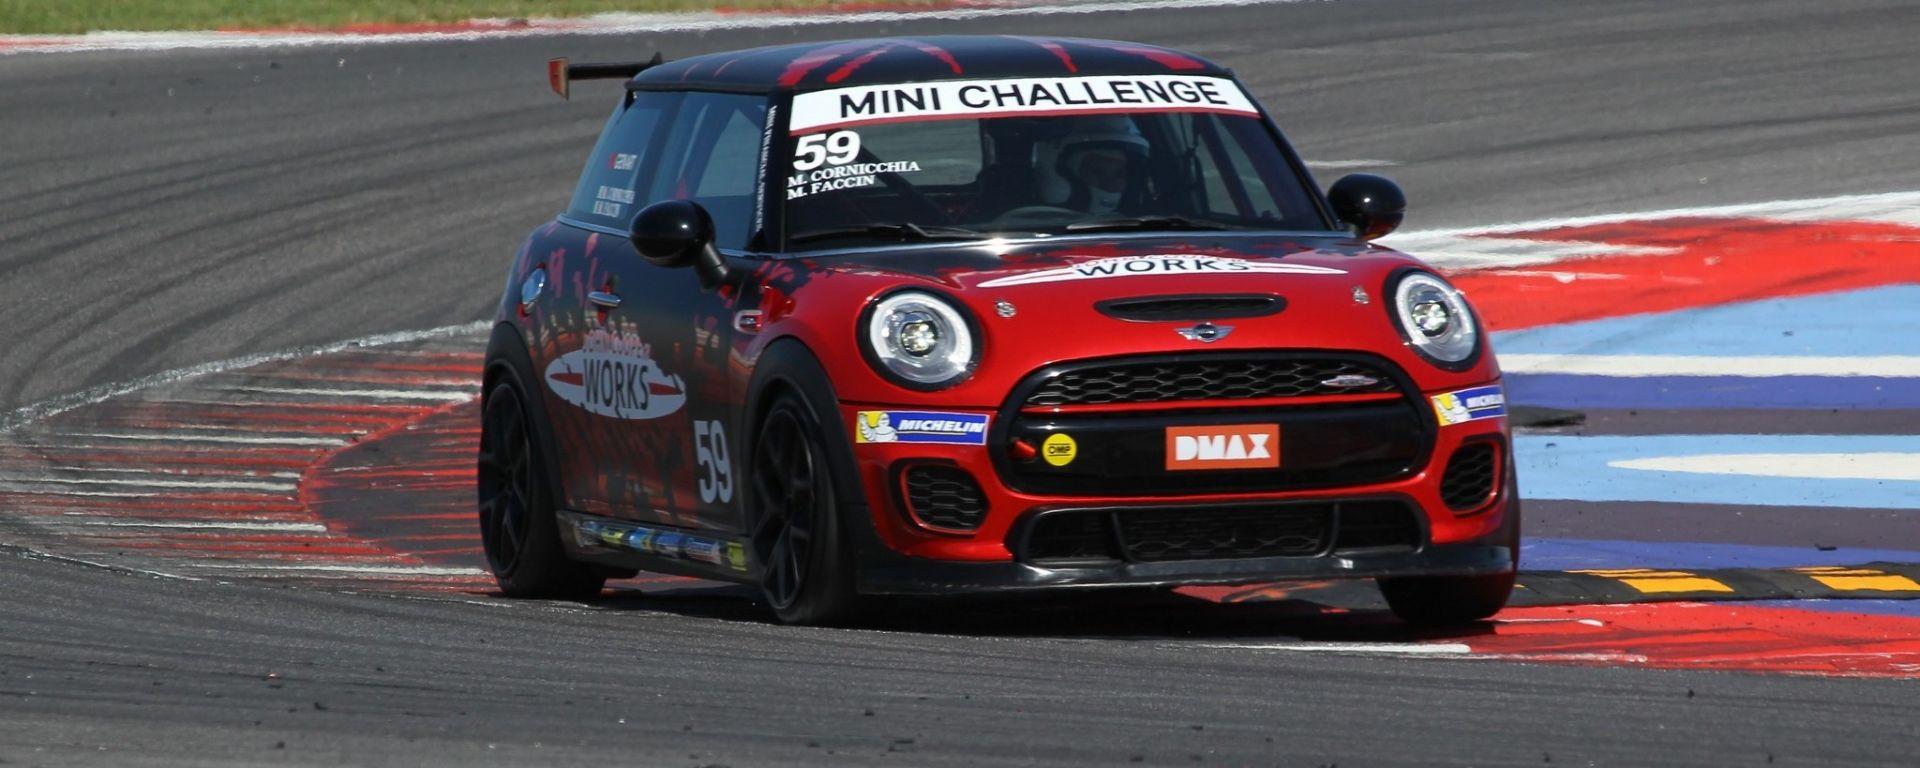 Mini Challenge 2018: la cronaca della nostra gara sul circuito di Misano